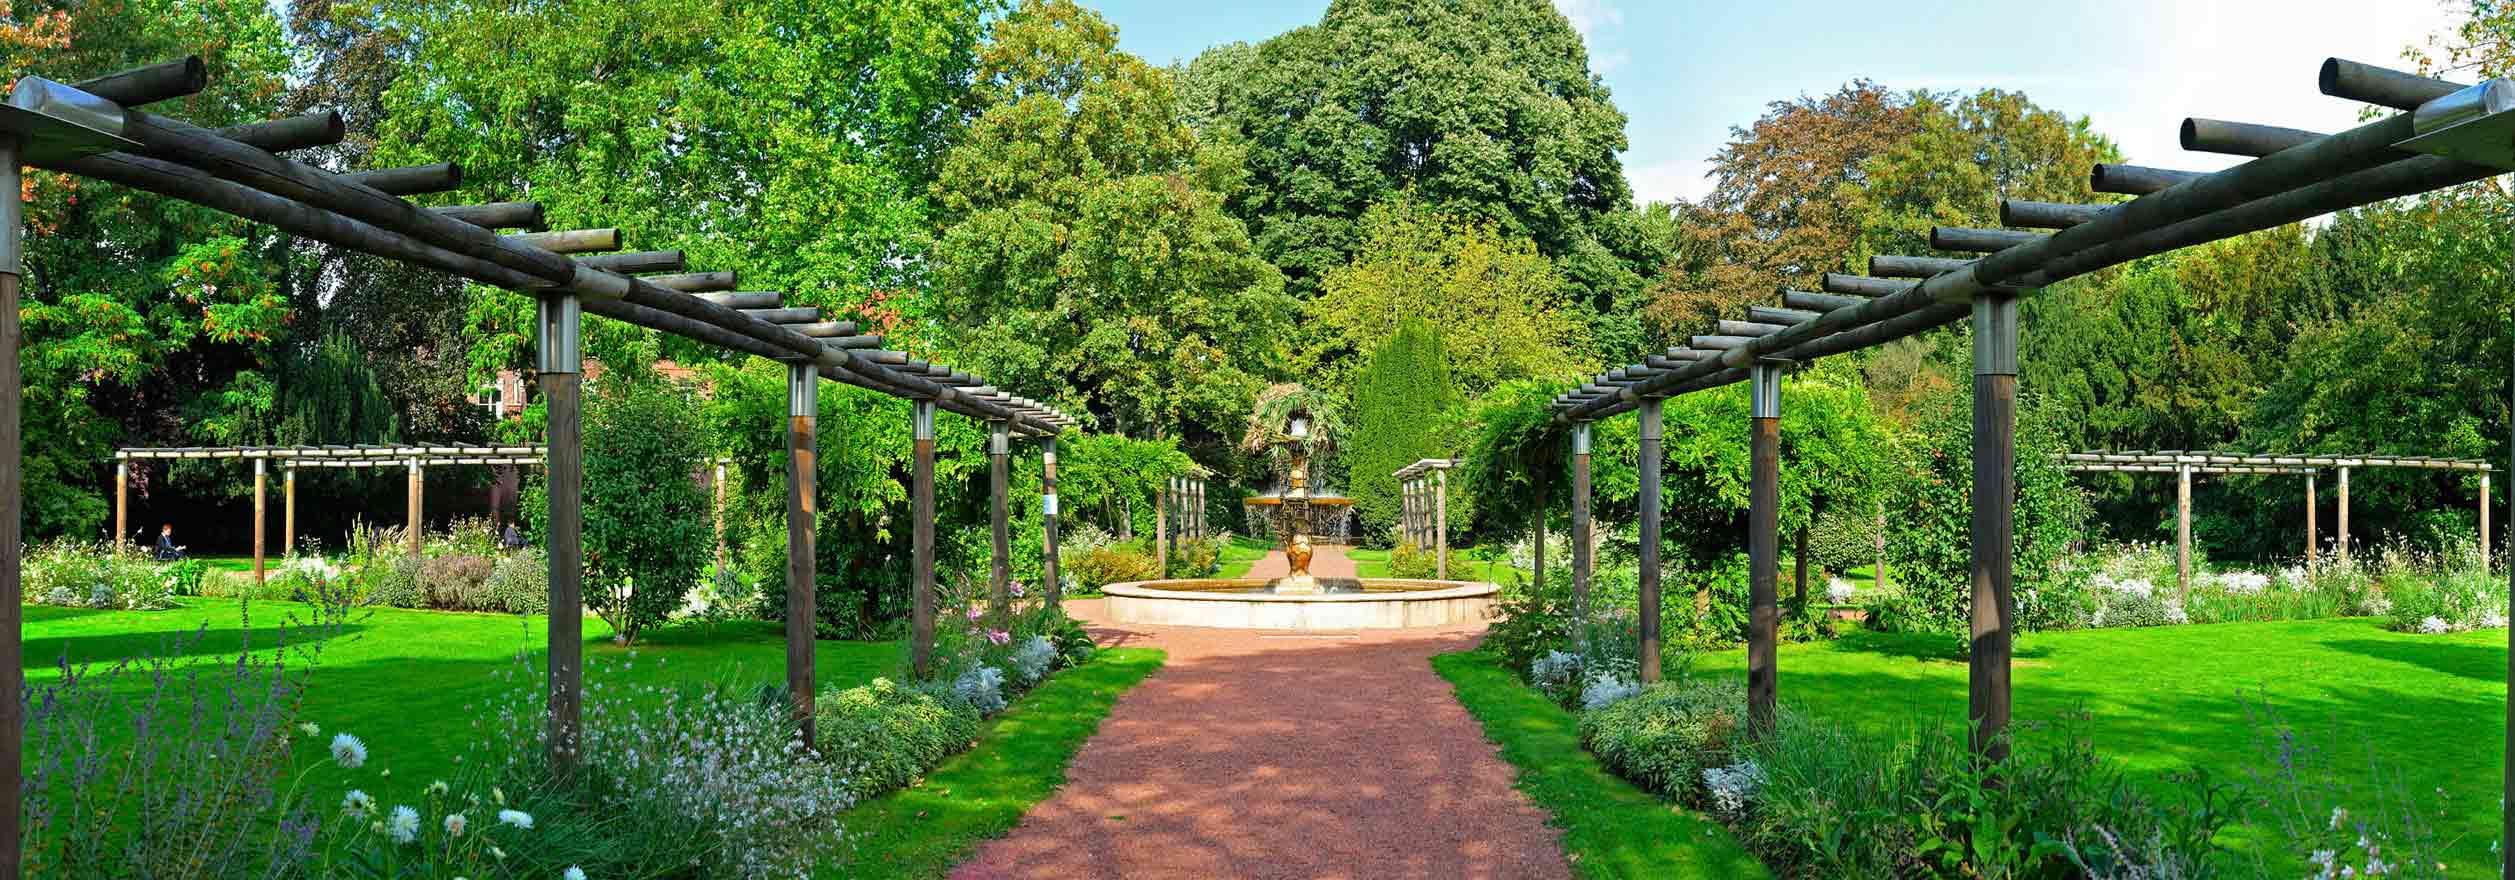 Jardin Botanique / Parcs Et Jardins / Nature En Ville ... dedans Jardin Botanique Emploi